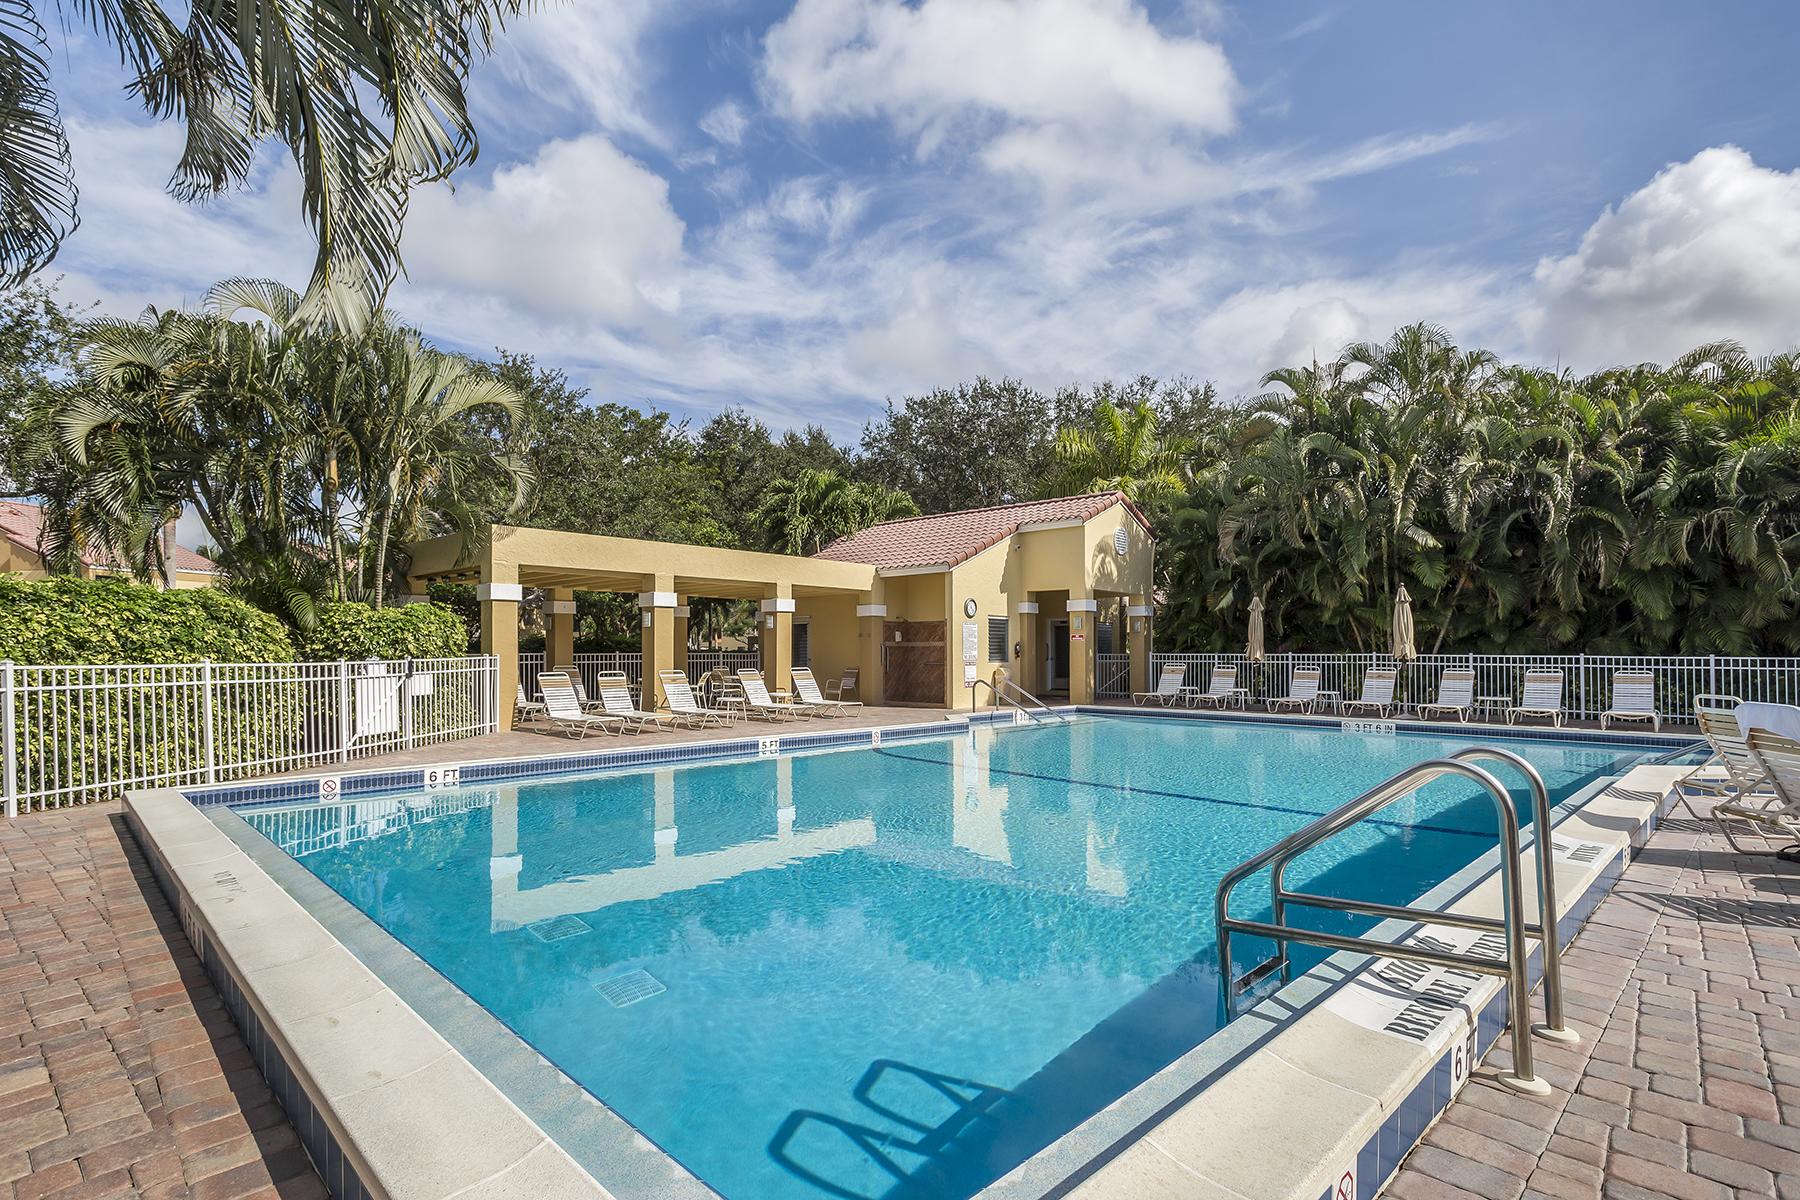 Кондоминиум для того Продажа на BEACHWALK - BEACHWALK GARDENS 583 Beachwalk Cir Q-102 Naples, Флорида, 34108 Соединенные Штаты